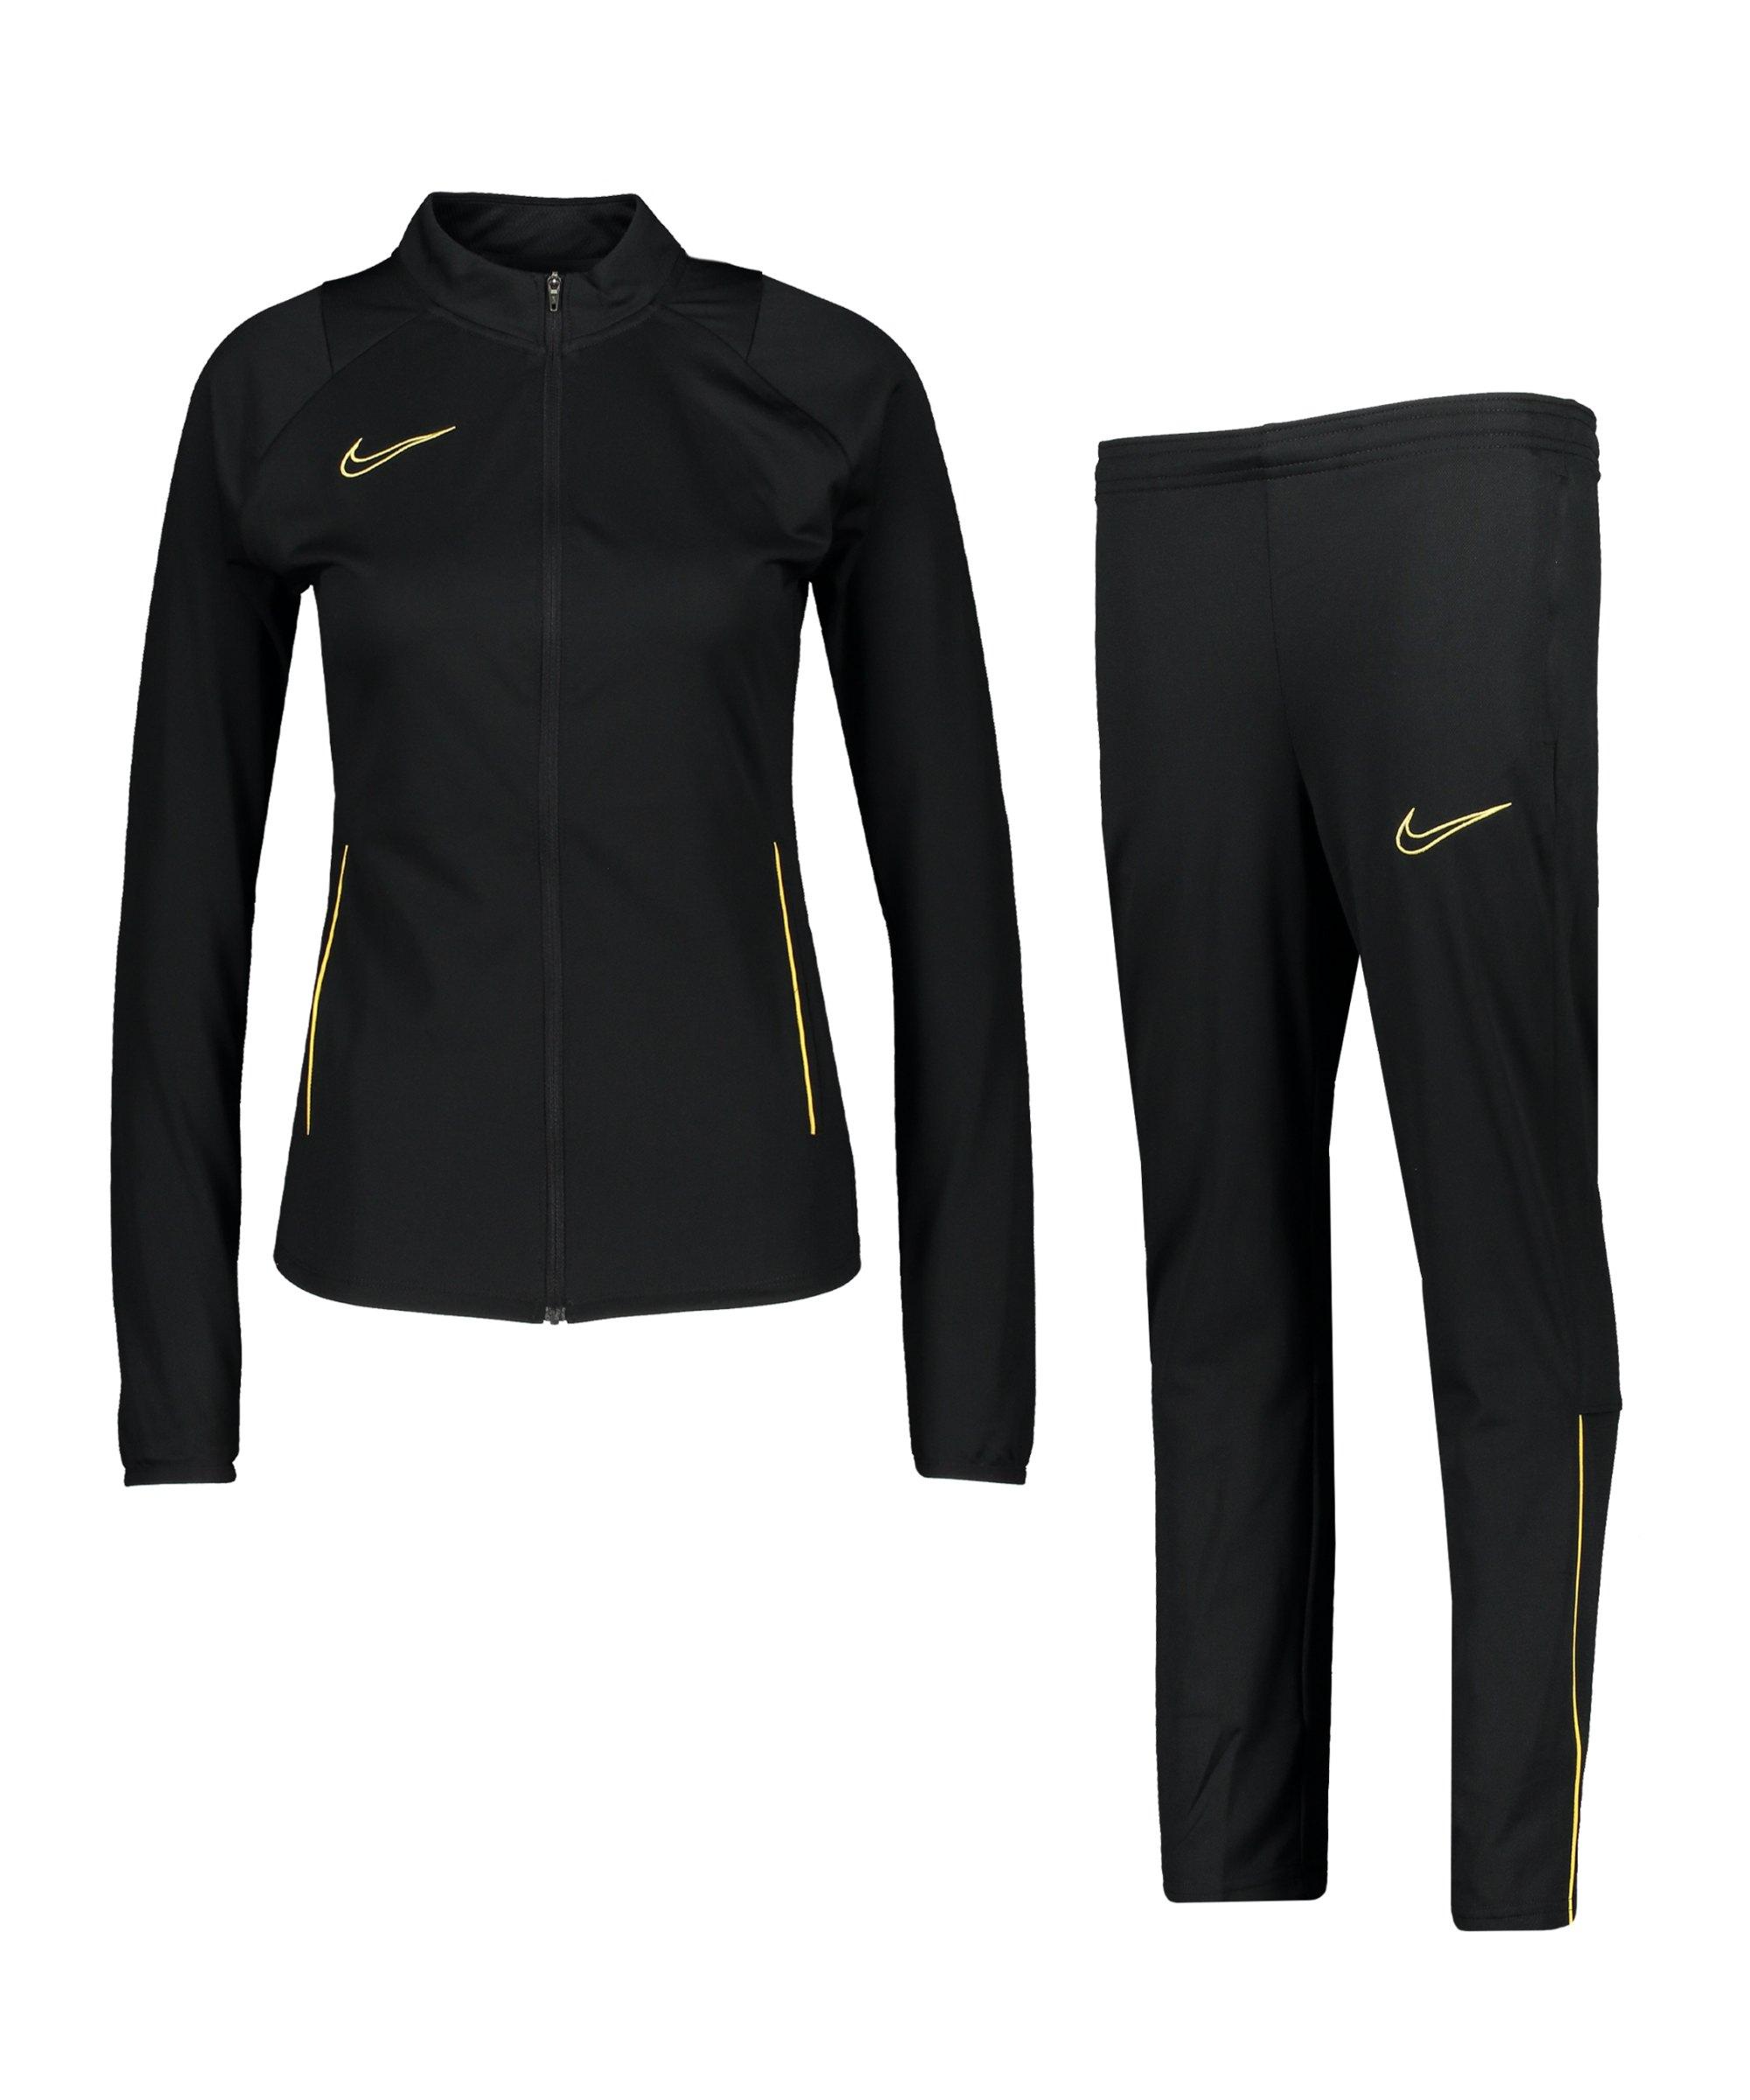 Nike Academy 21 Trainingsanzug Damen F013 - schwarz